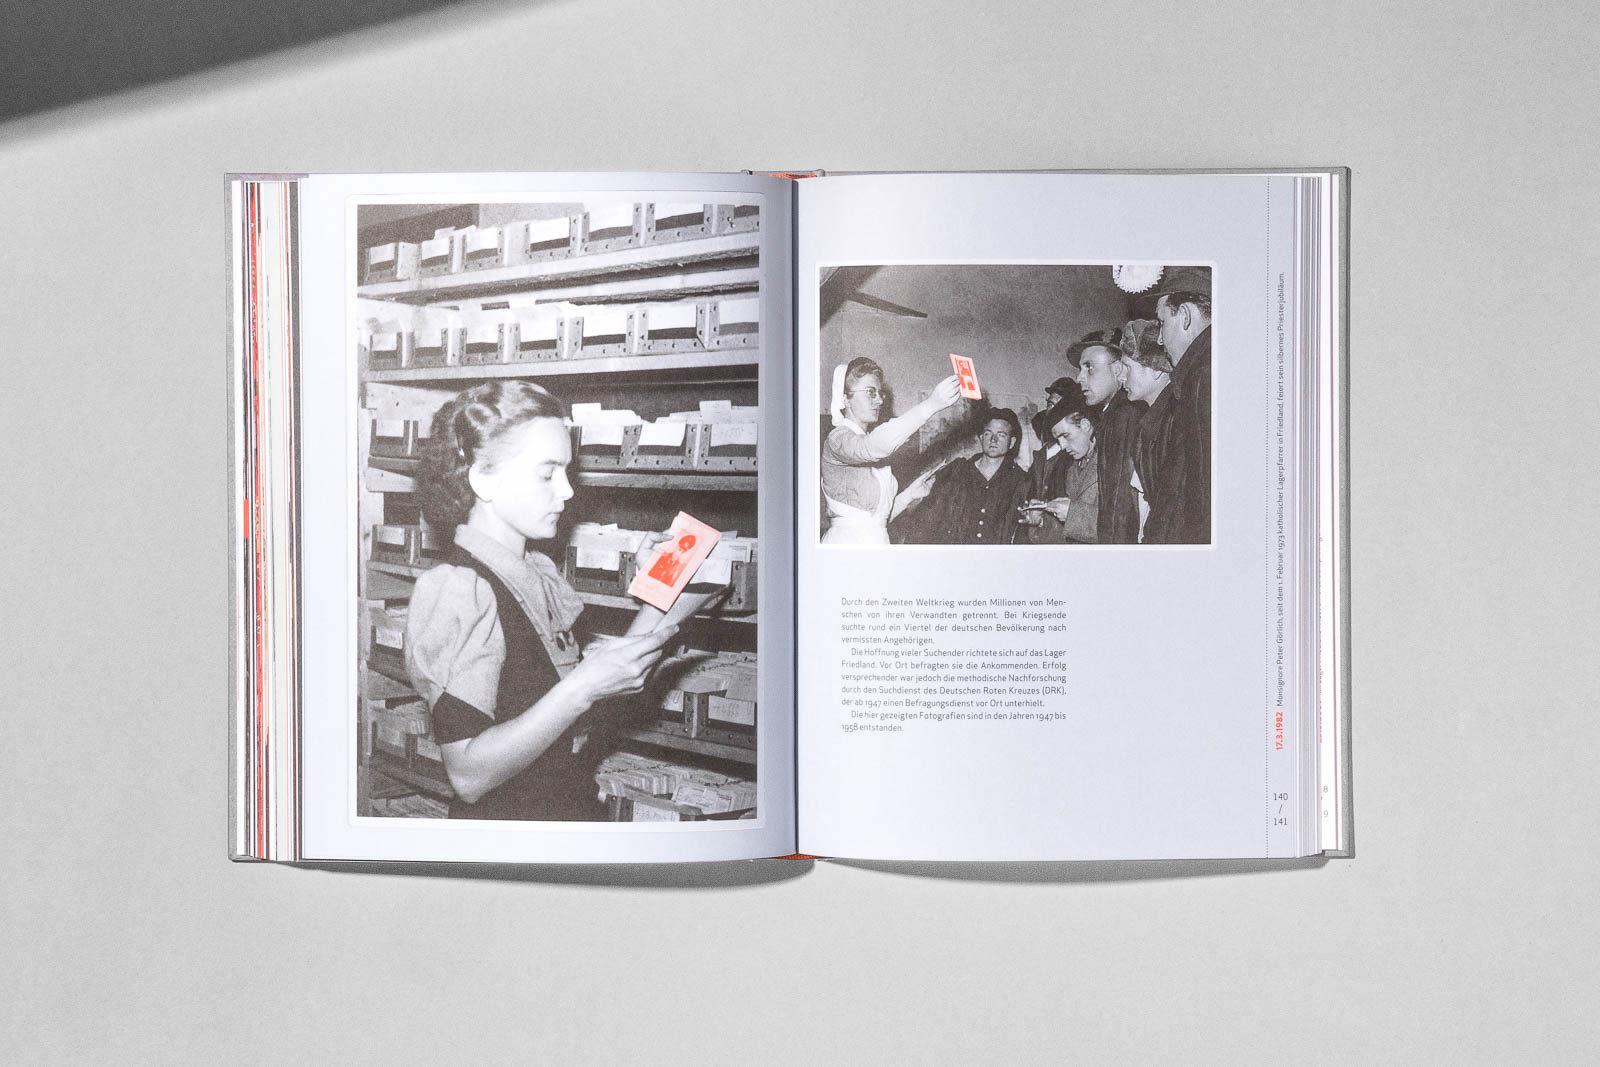 Editienne Kommunikationsdesign- Buchgestaltung für den Ausstellungskatalog 6